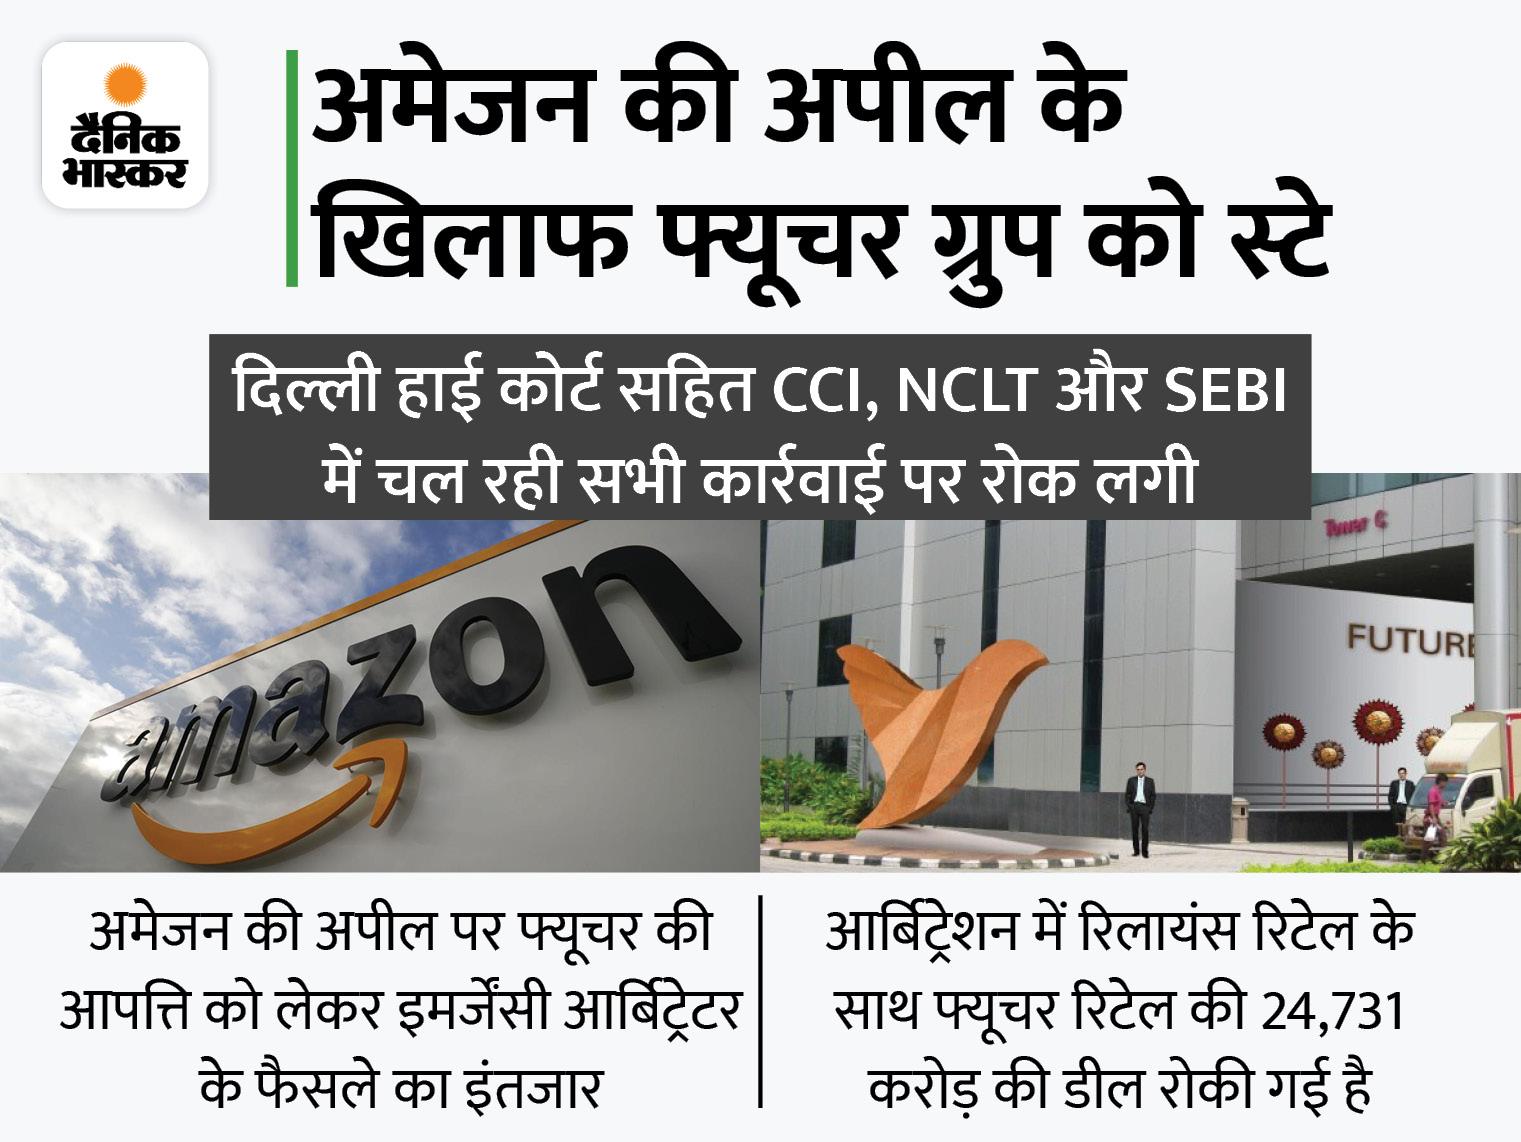 नहीं जब्त होगी ग्रुप की संपत्तियां, दिल्ली हाई कोर्ट के आदेश पर रोक, चार हफ्ते के लिए रुकी कार्रवाई|इकोनॉमी,Economy - Dainik Bhaskar